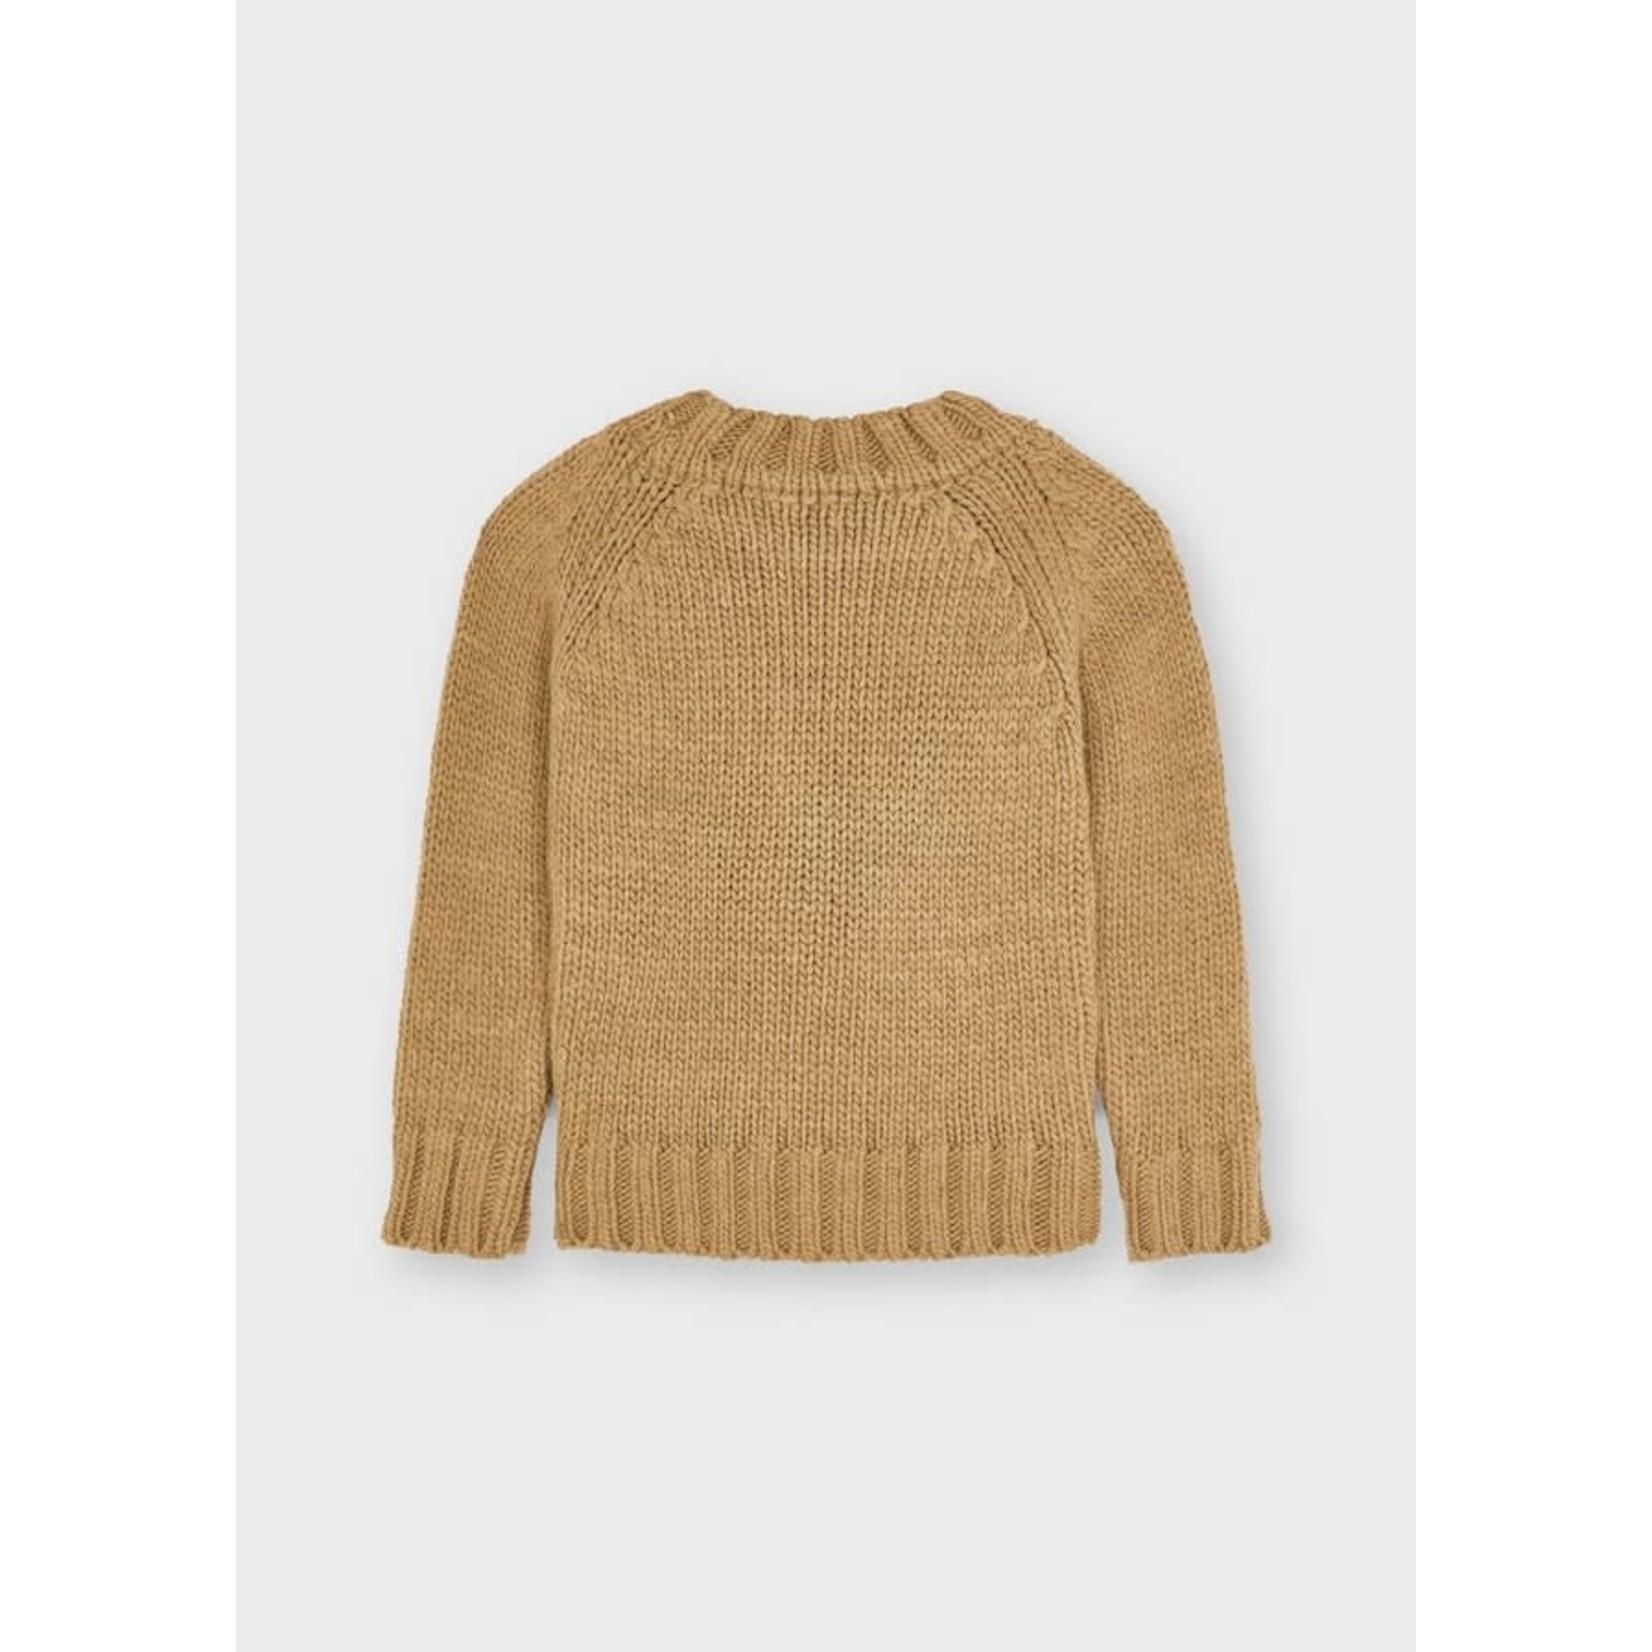 Mayoral Braided Sweater, Hazelnut